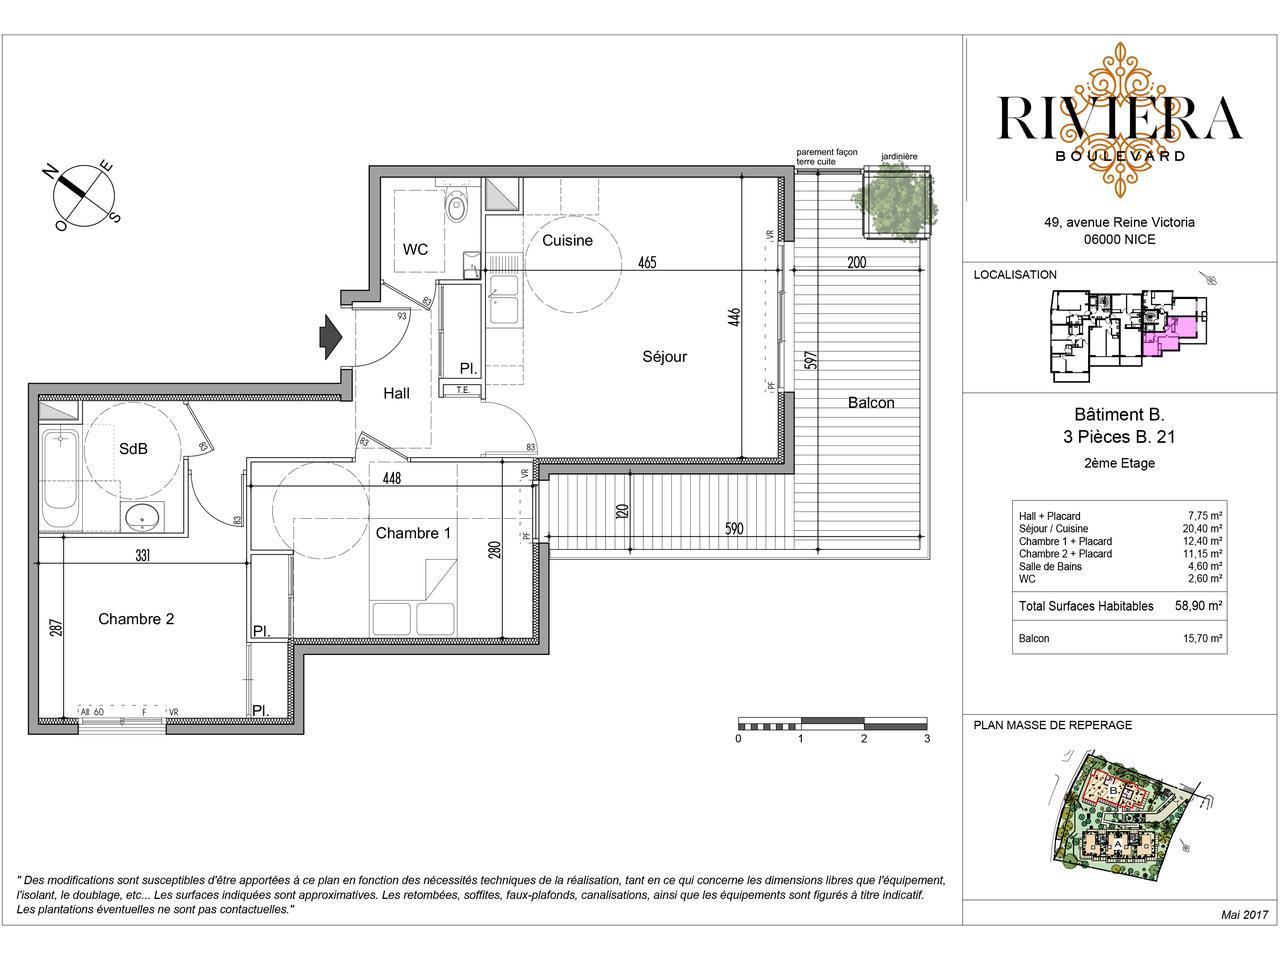 Appartement neuf de 3 pièces avec terrasse à Cimiez : plan